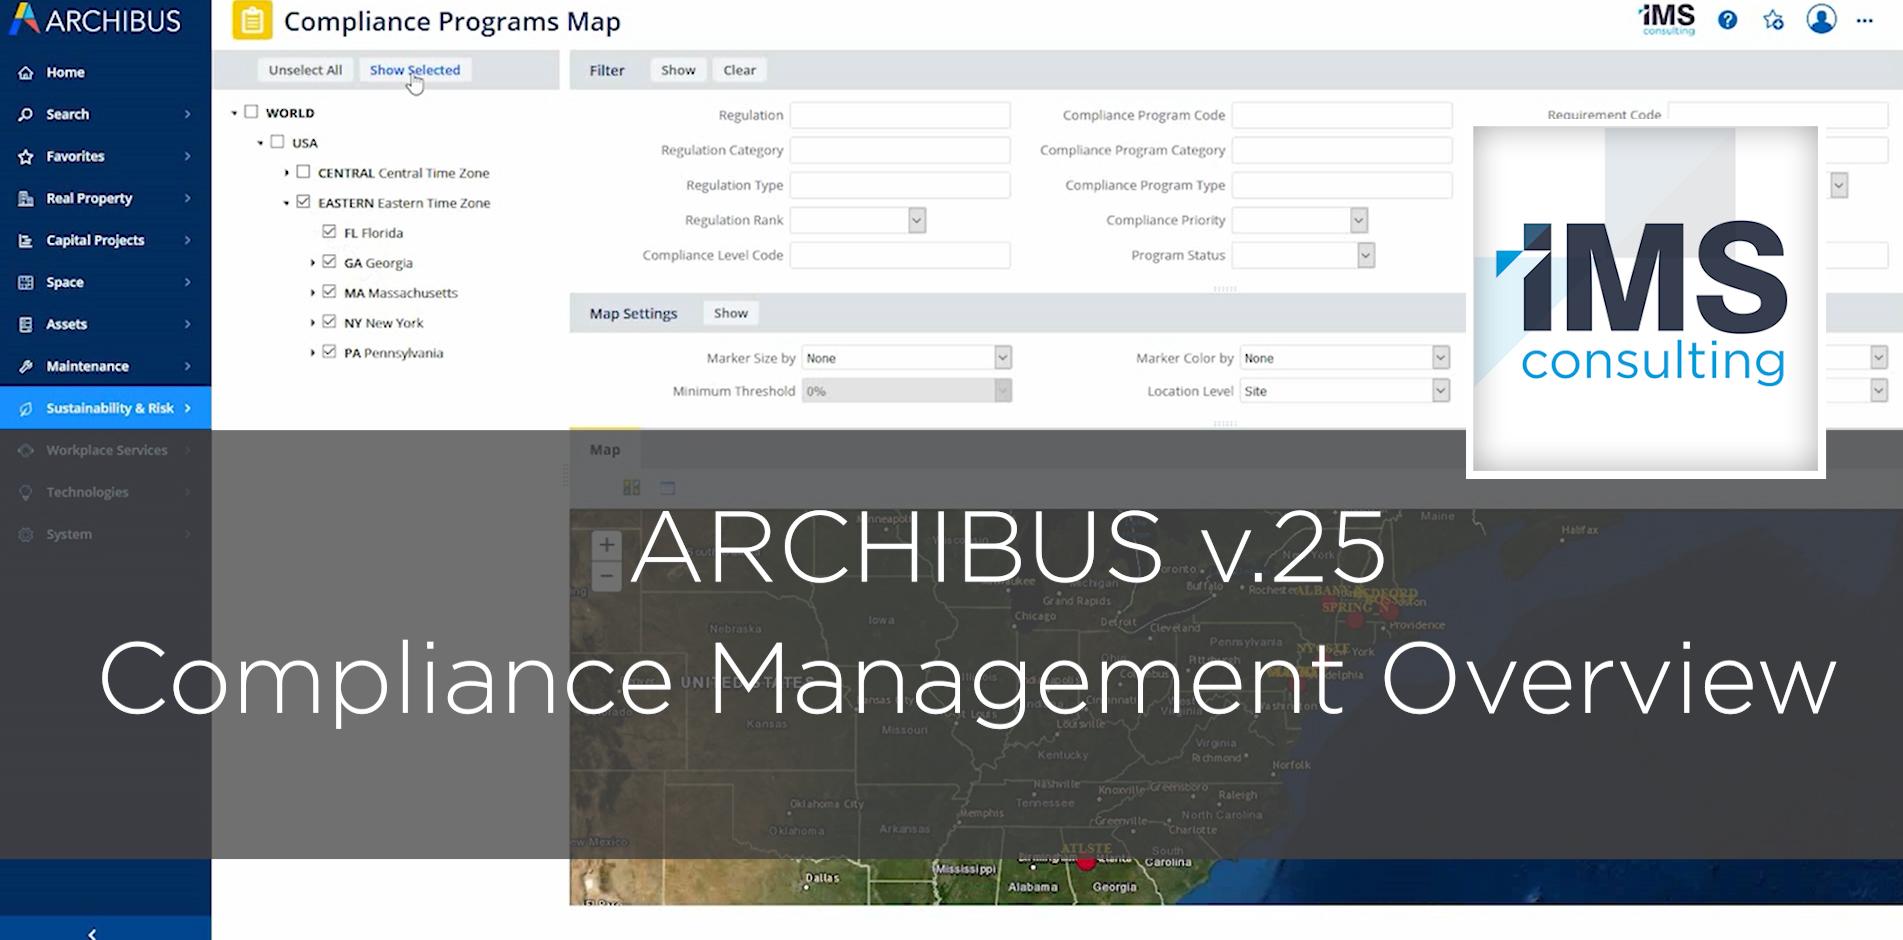 Archibus Compliance Management Application